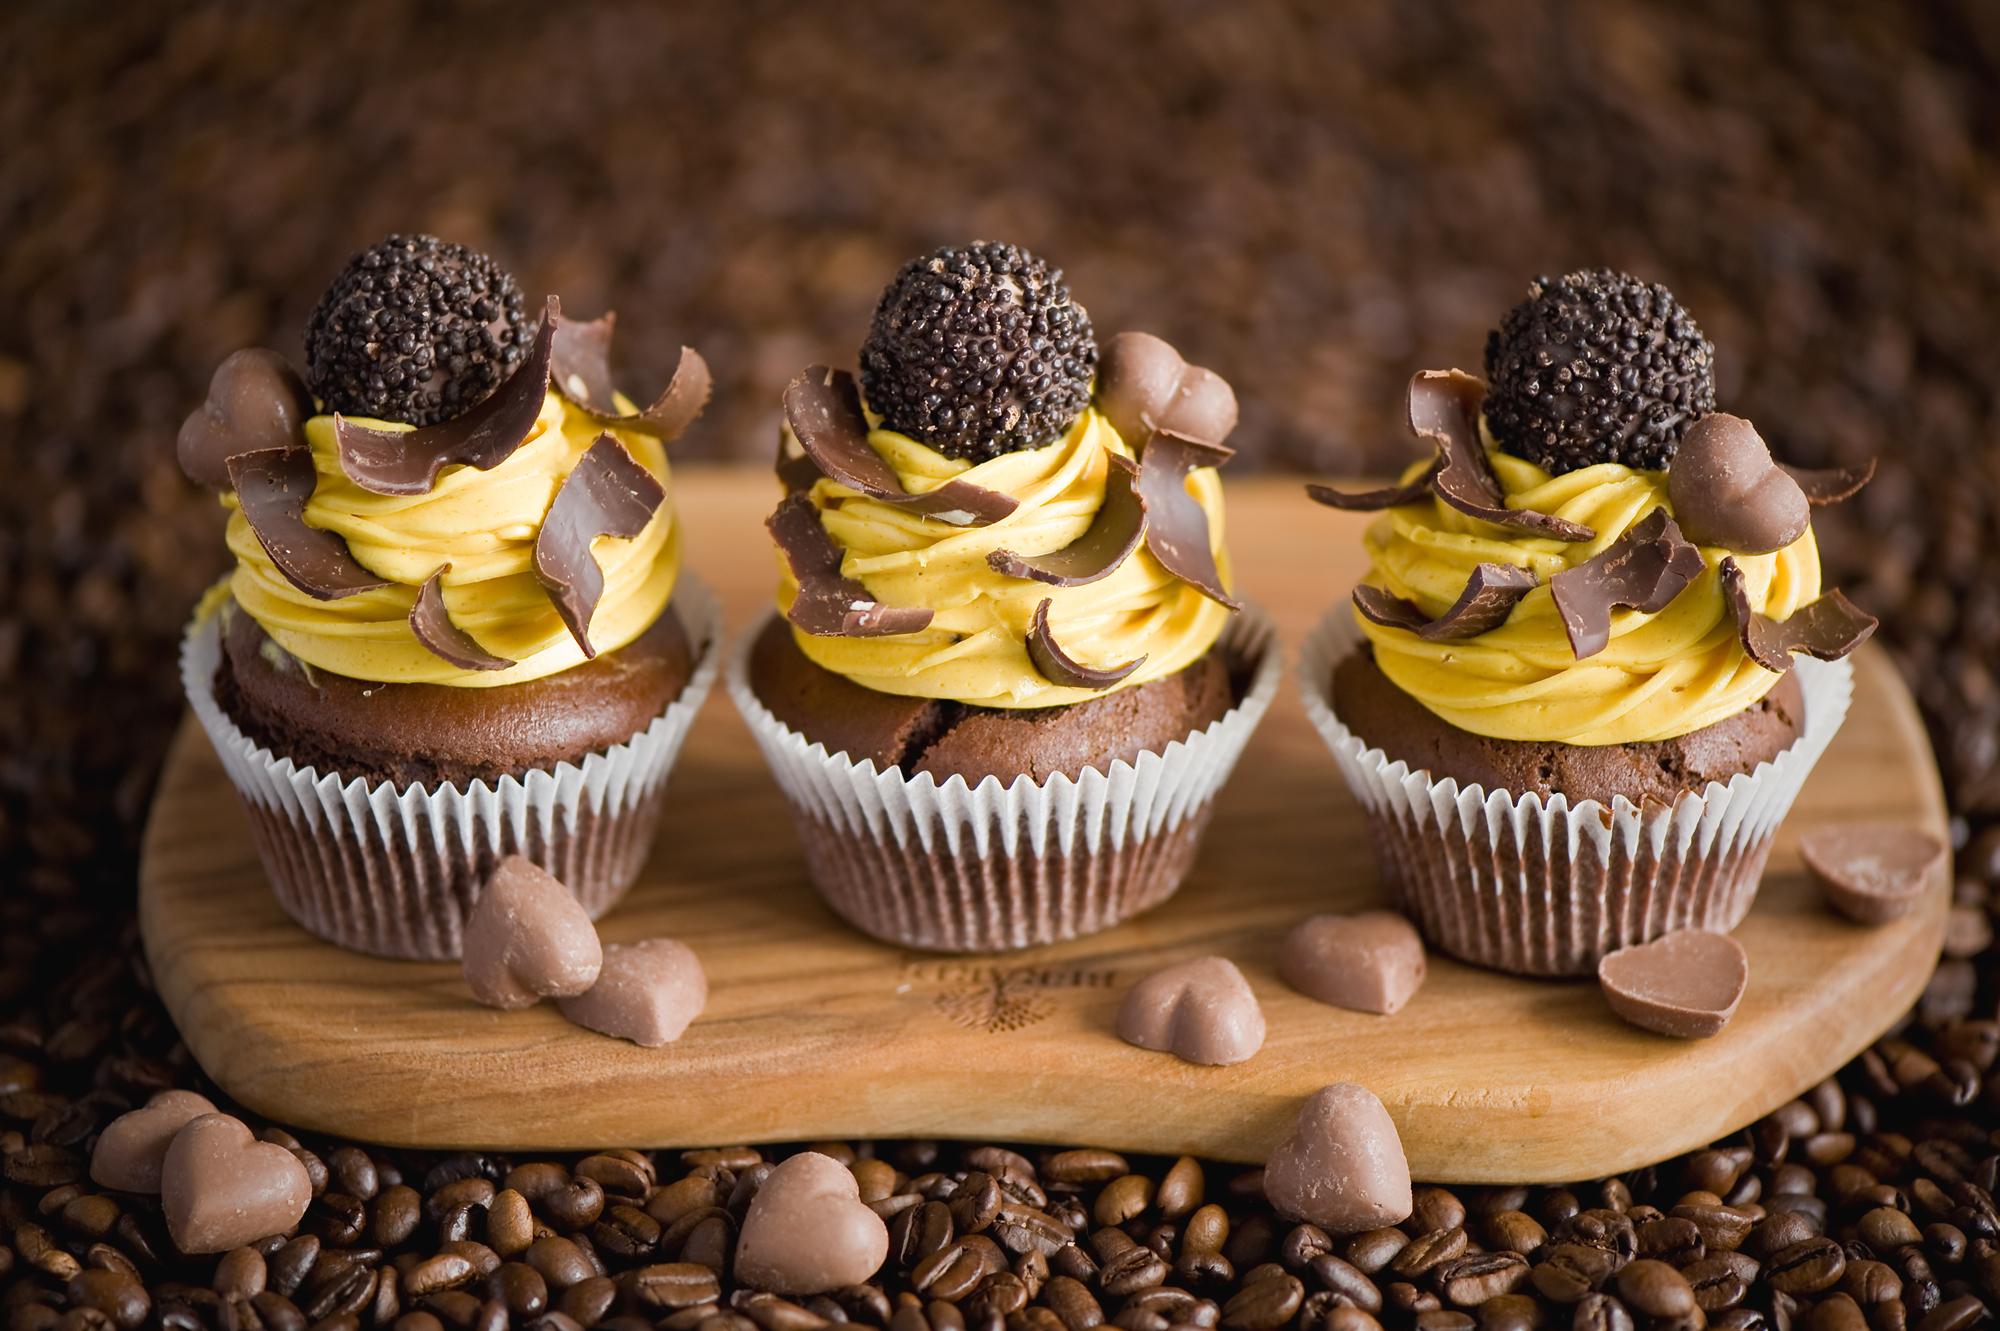 кексы крем шоколадный ореховый cupcakes cream chocolate walnut бесплатно